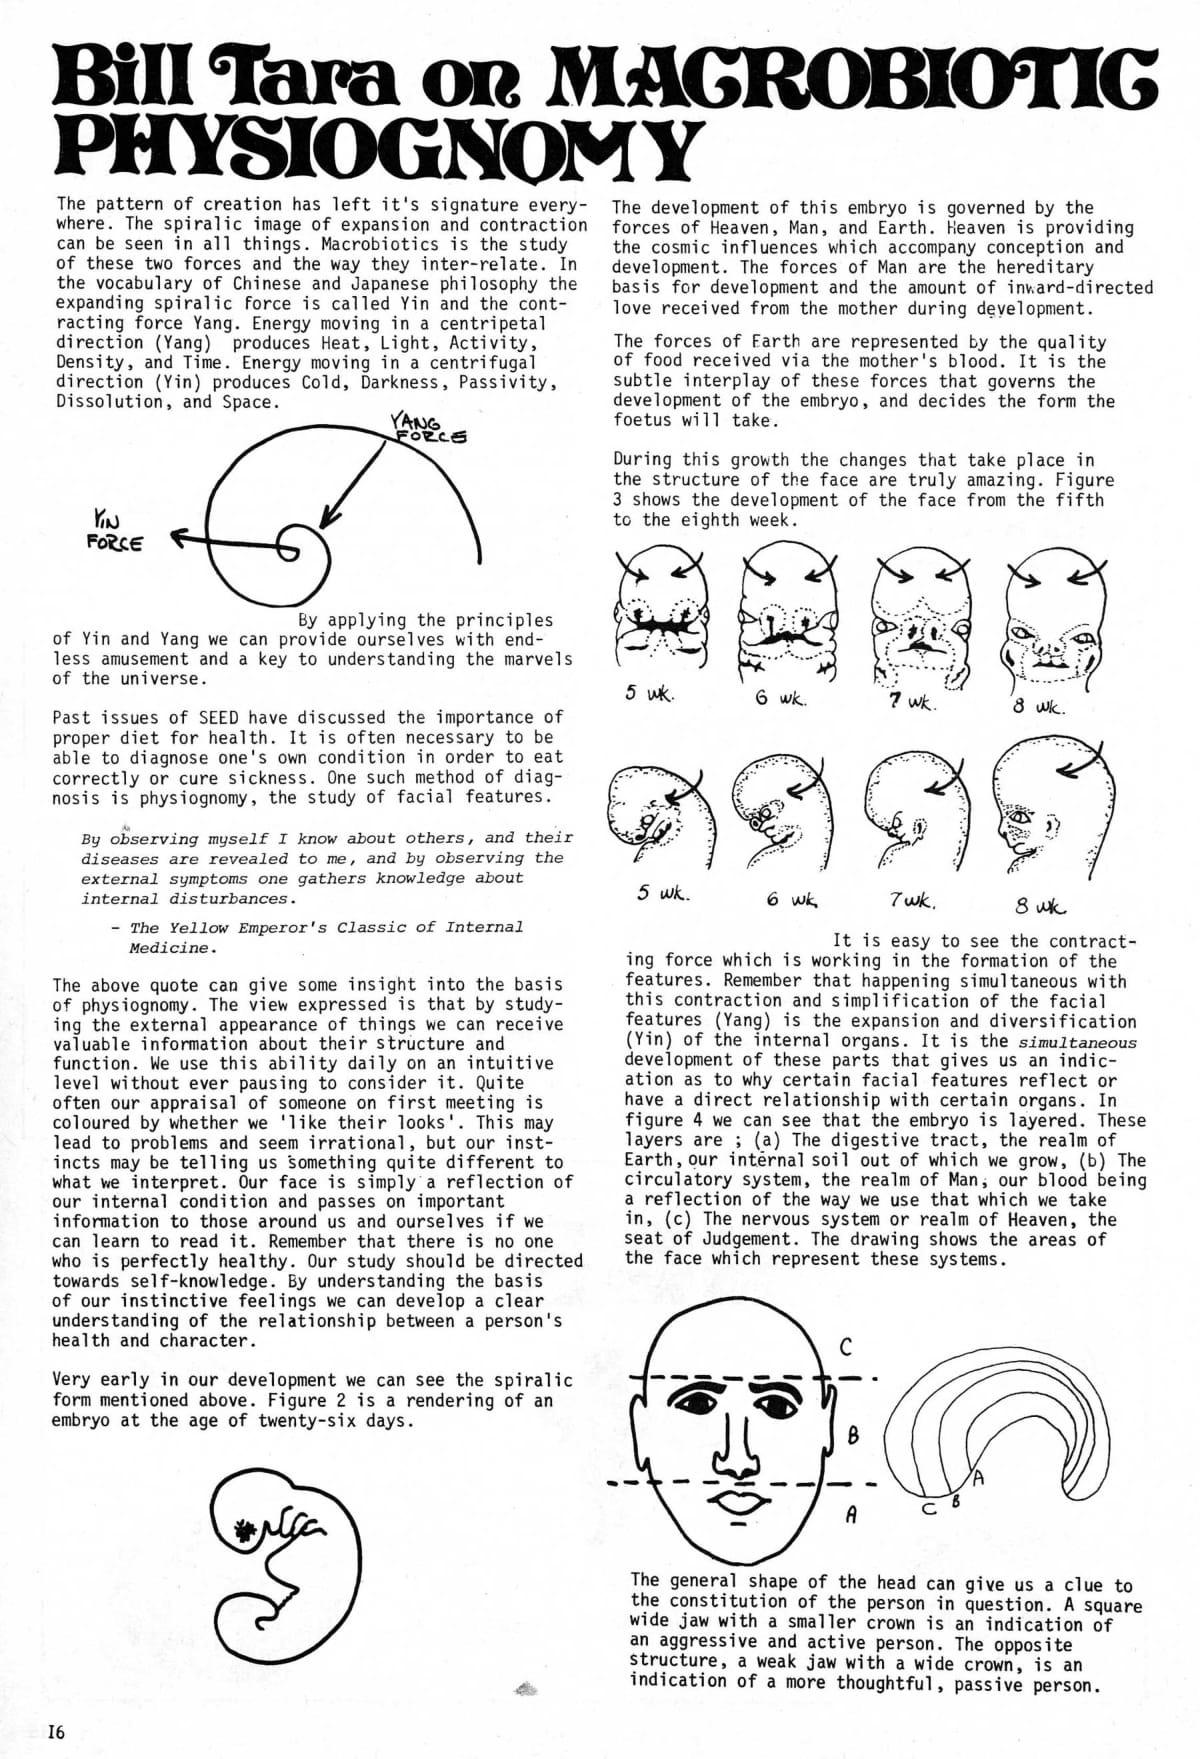 seed-v2-n9-sept1973-16.jpg